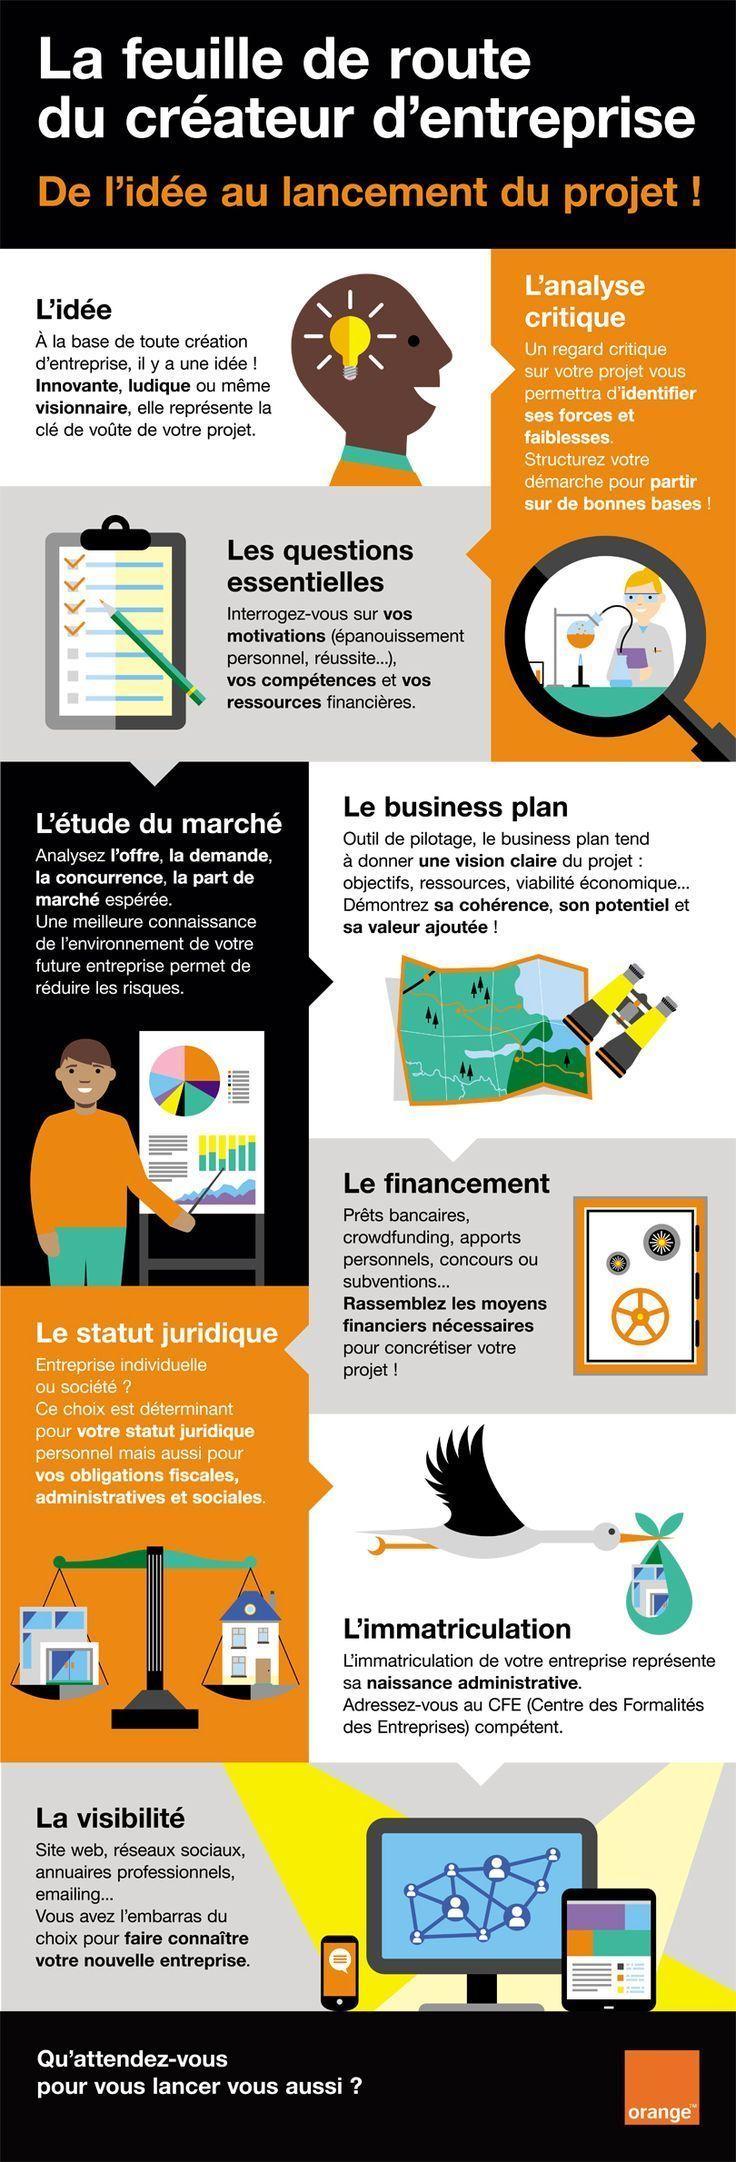 [Infographie] La création d'entreprise en 9 étapes